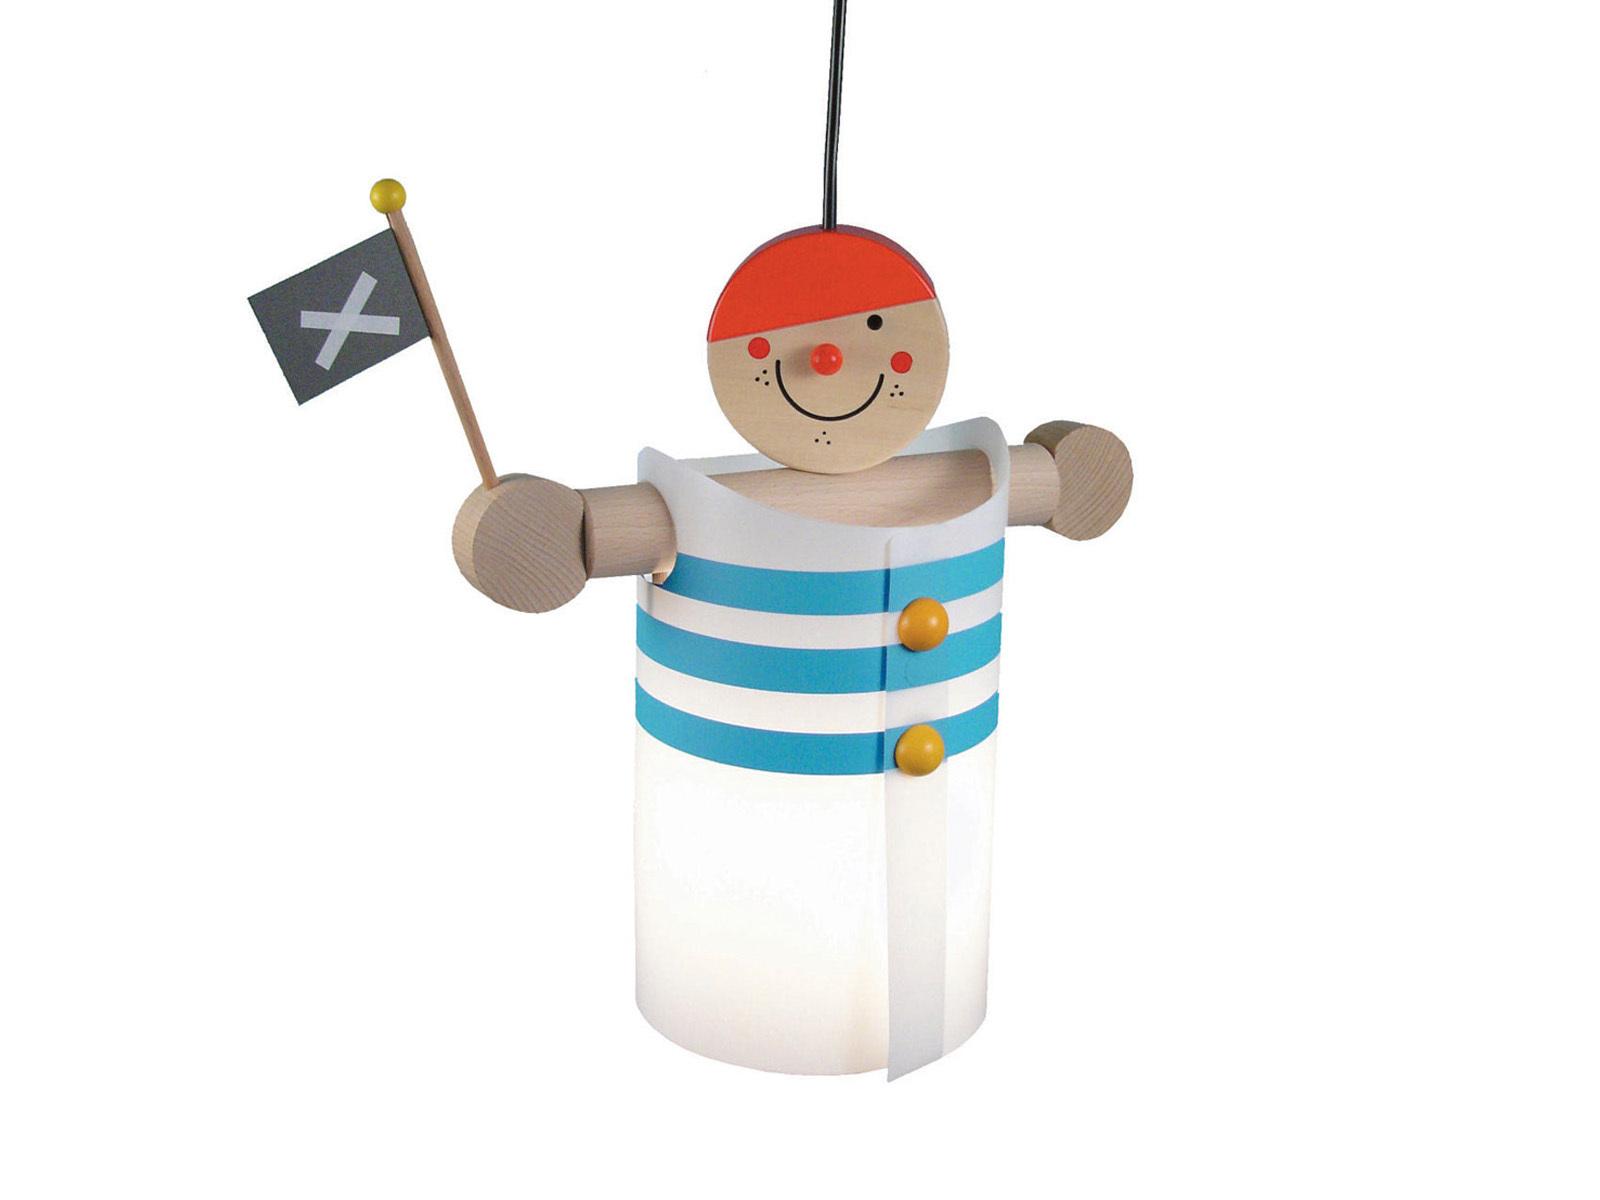 Piraten Lampe Kinderzimmer | Die schönsten Einrichtungsideen